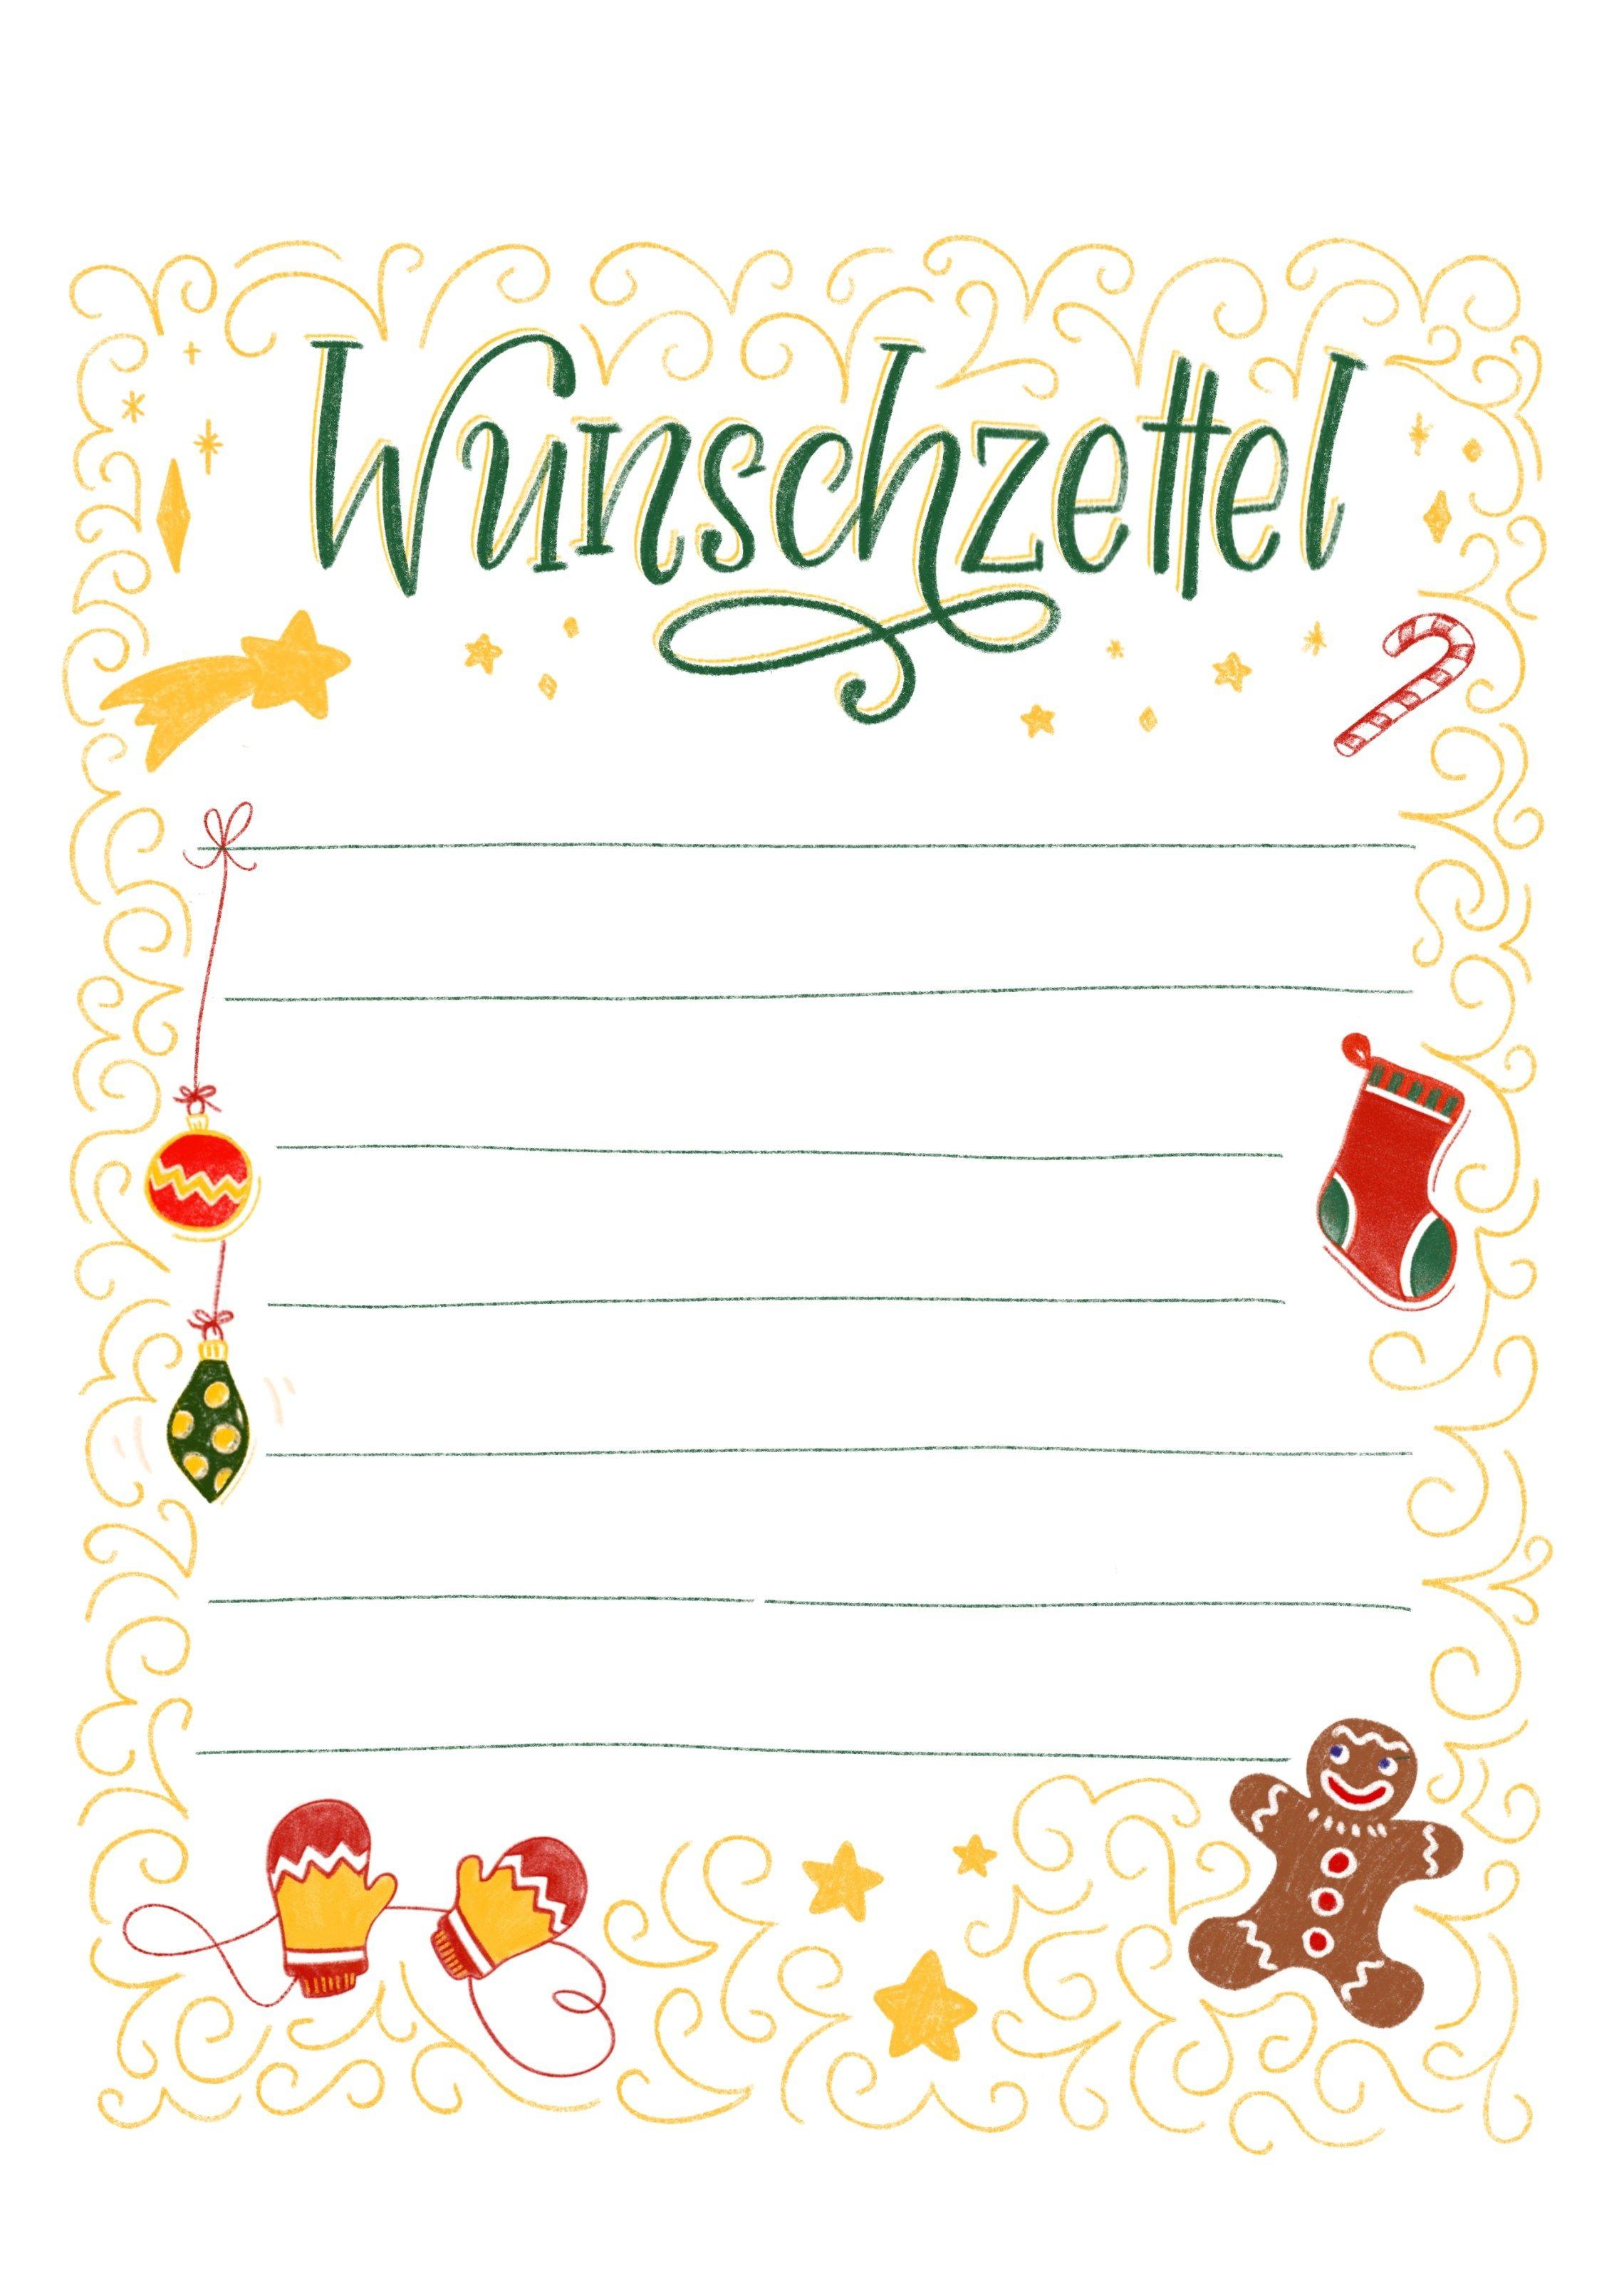 Wunschzettel Vorlage Zum Ausdrucken Bunte Galerie Wunschliste Weihnachten Weihnachtskarte Grusse Weihnachtskarten Zum Ausdrucken